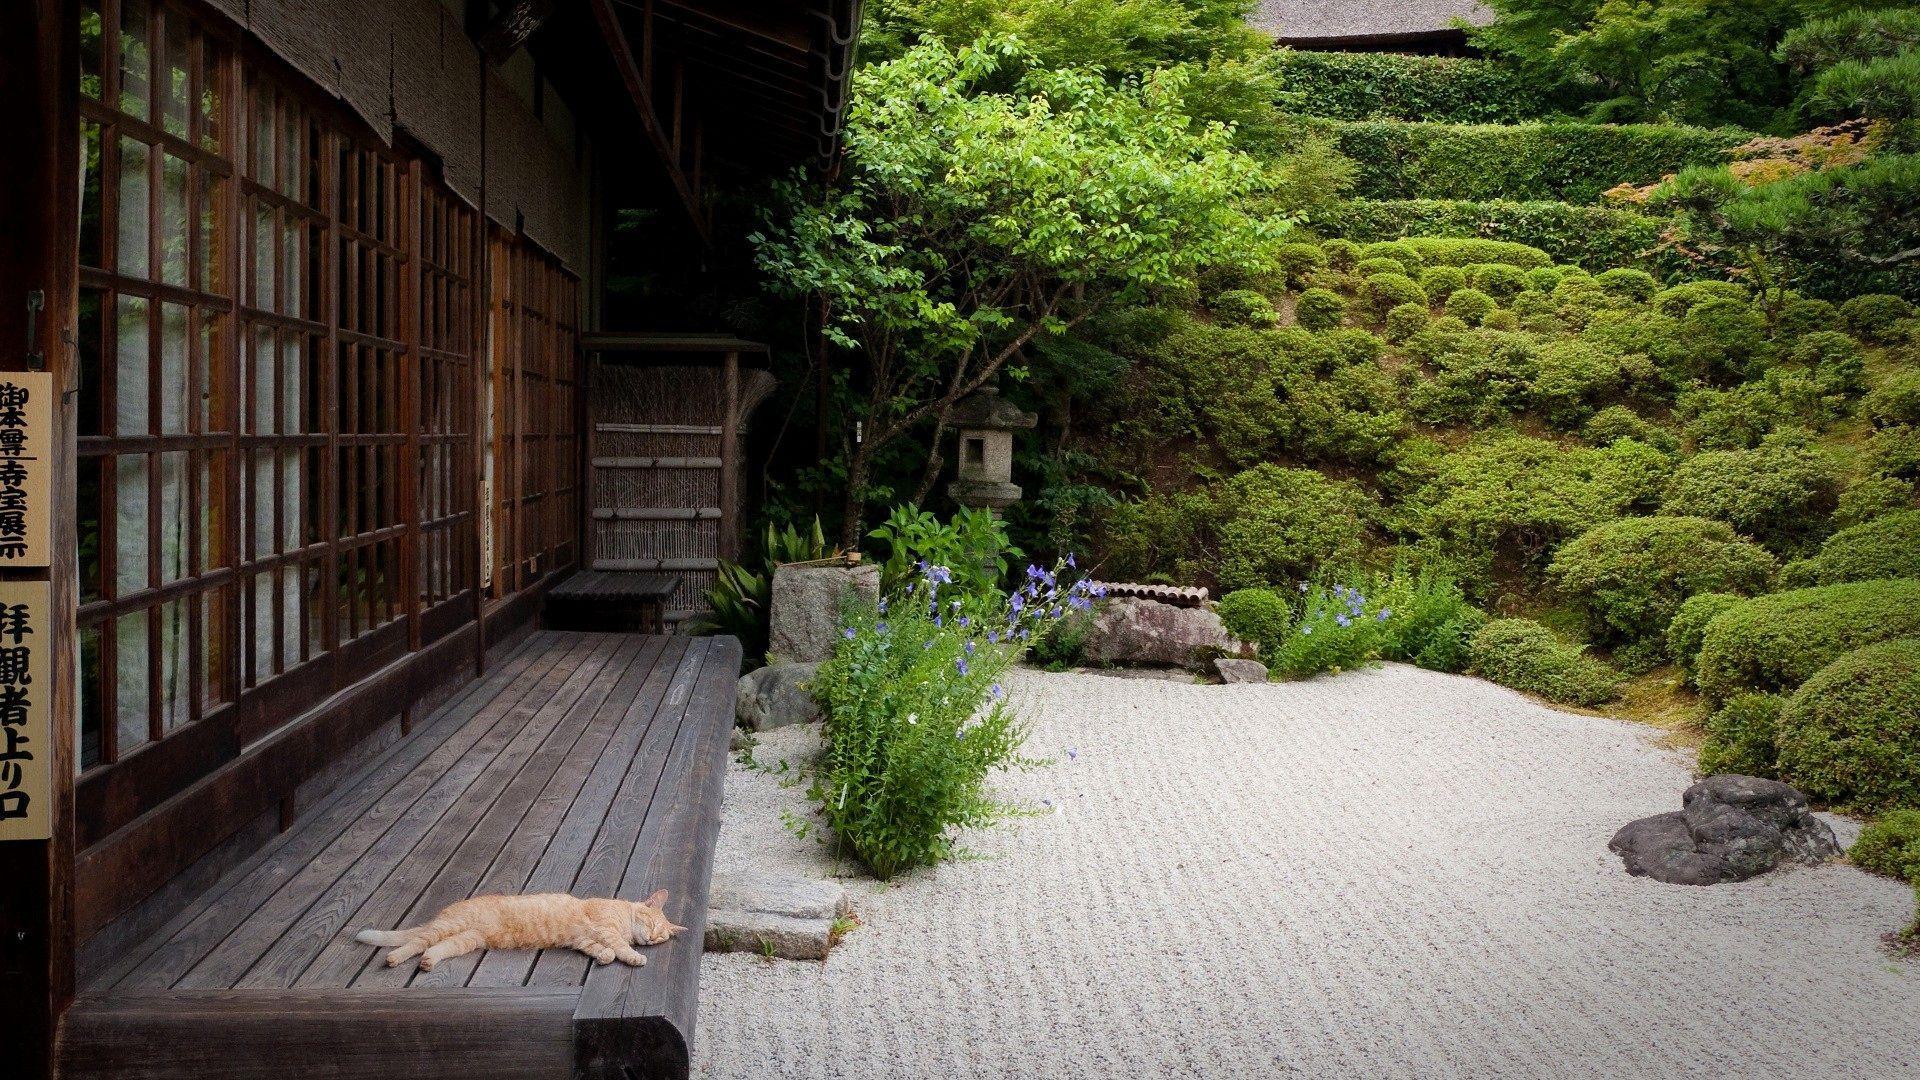 Japan Zen Wallpapers Top Free Japan Zen Backgrounds Wallpaperaccess